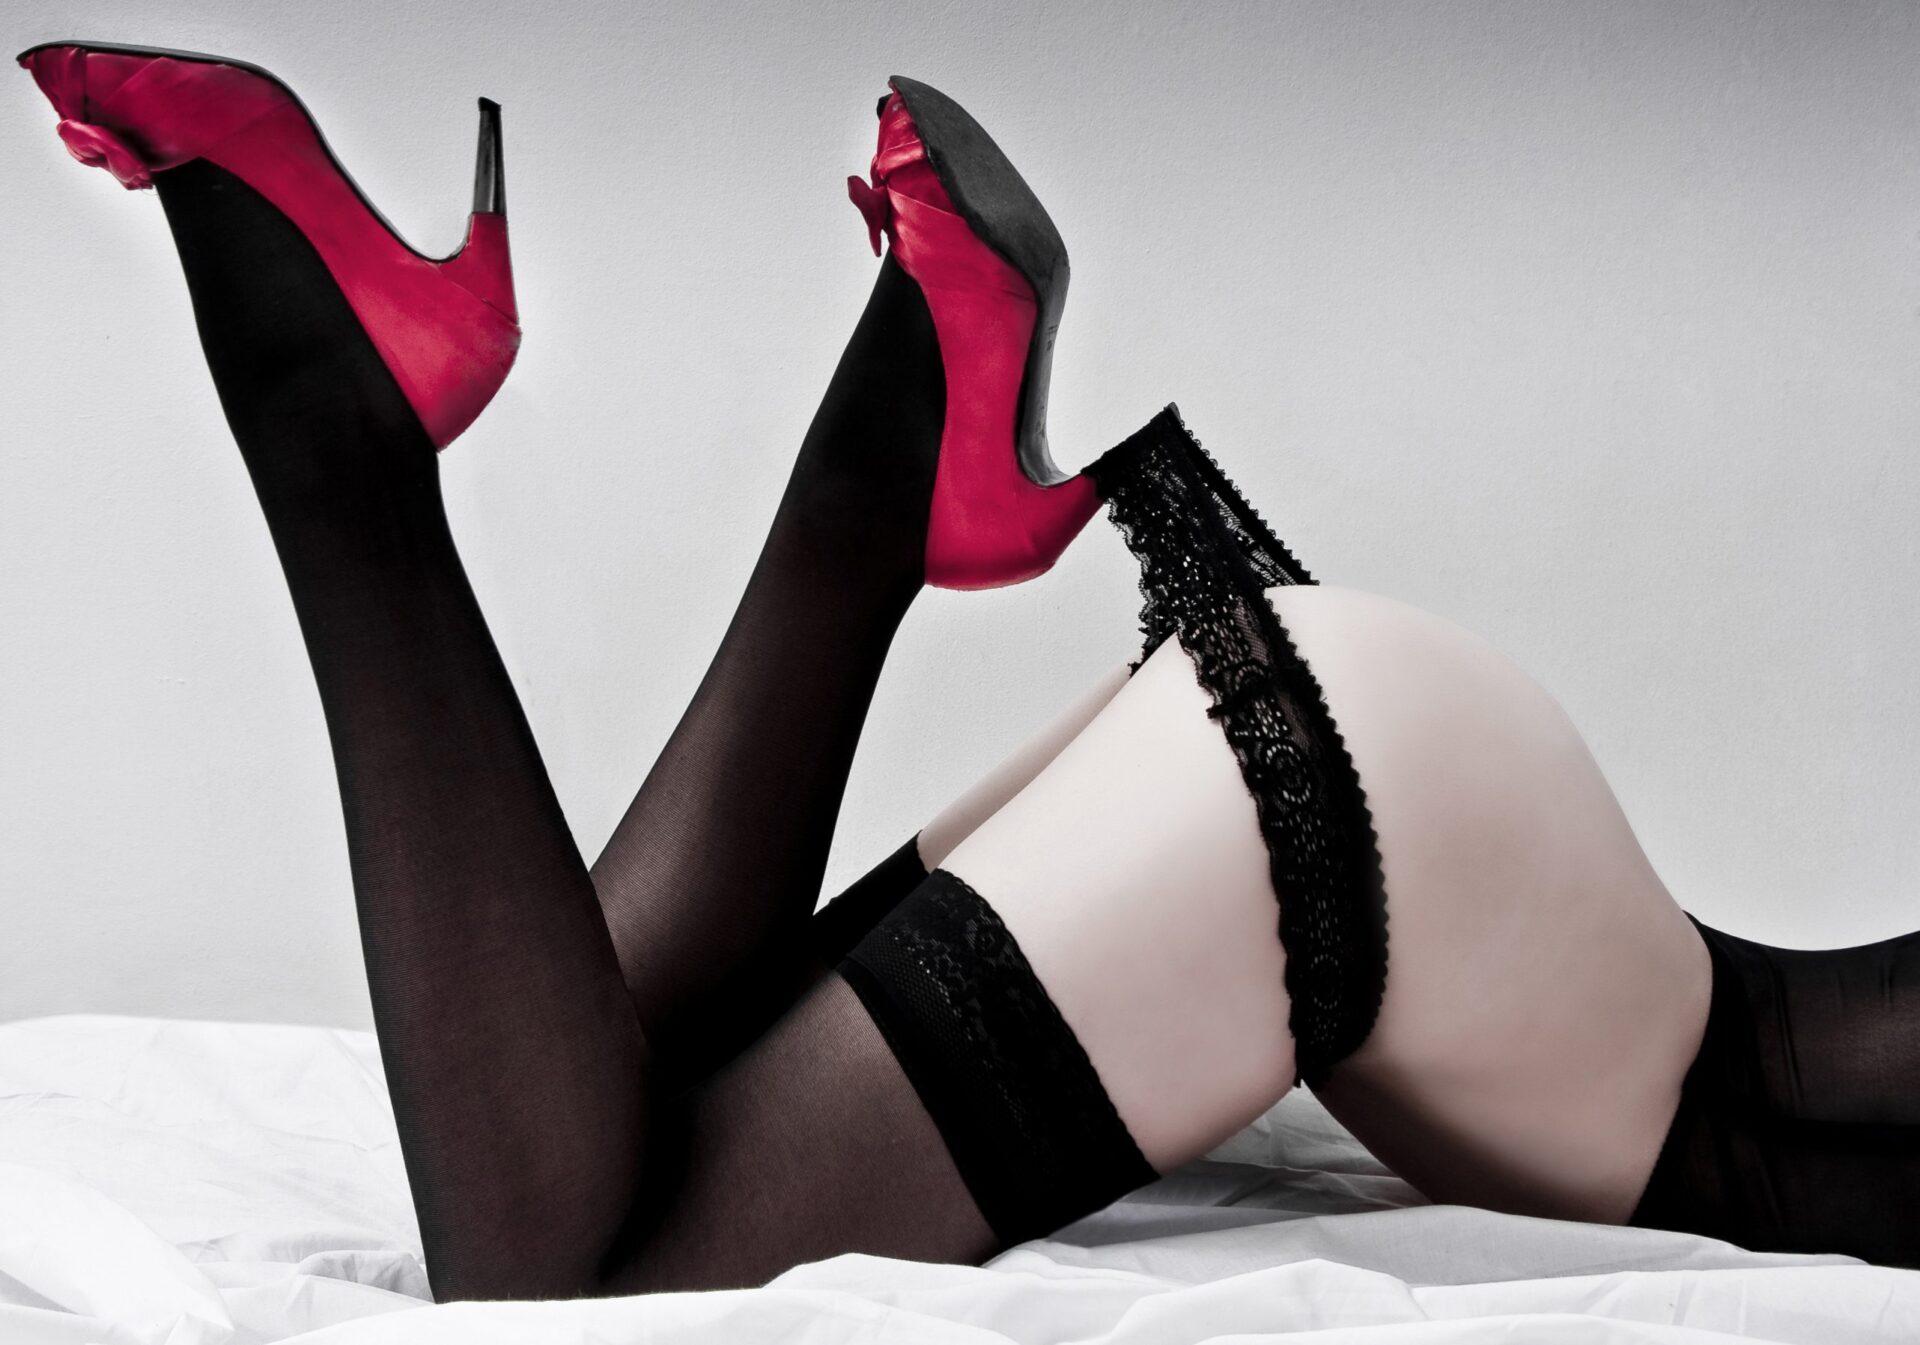 005 Photographe underwear Charles Edouard Gil scaled